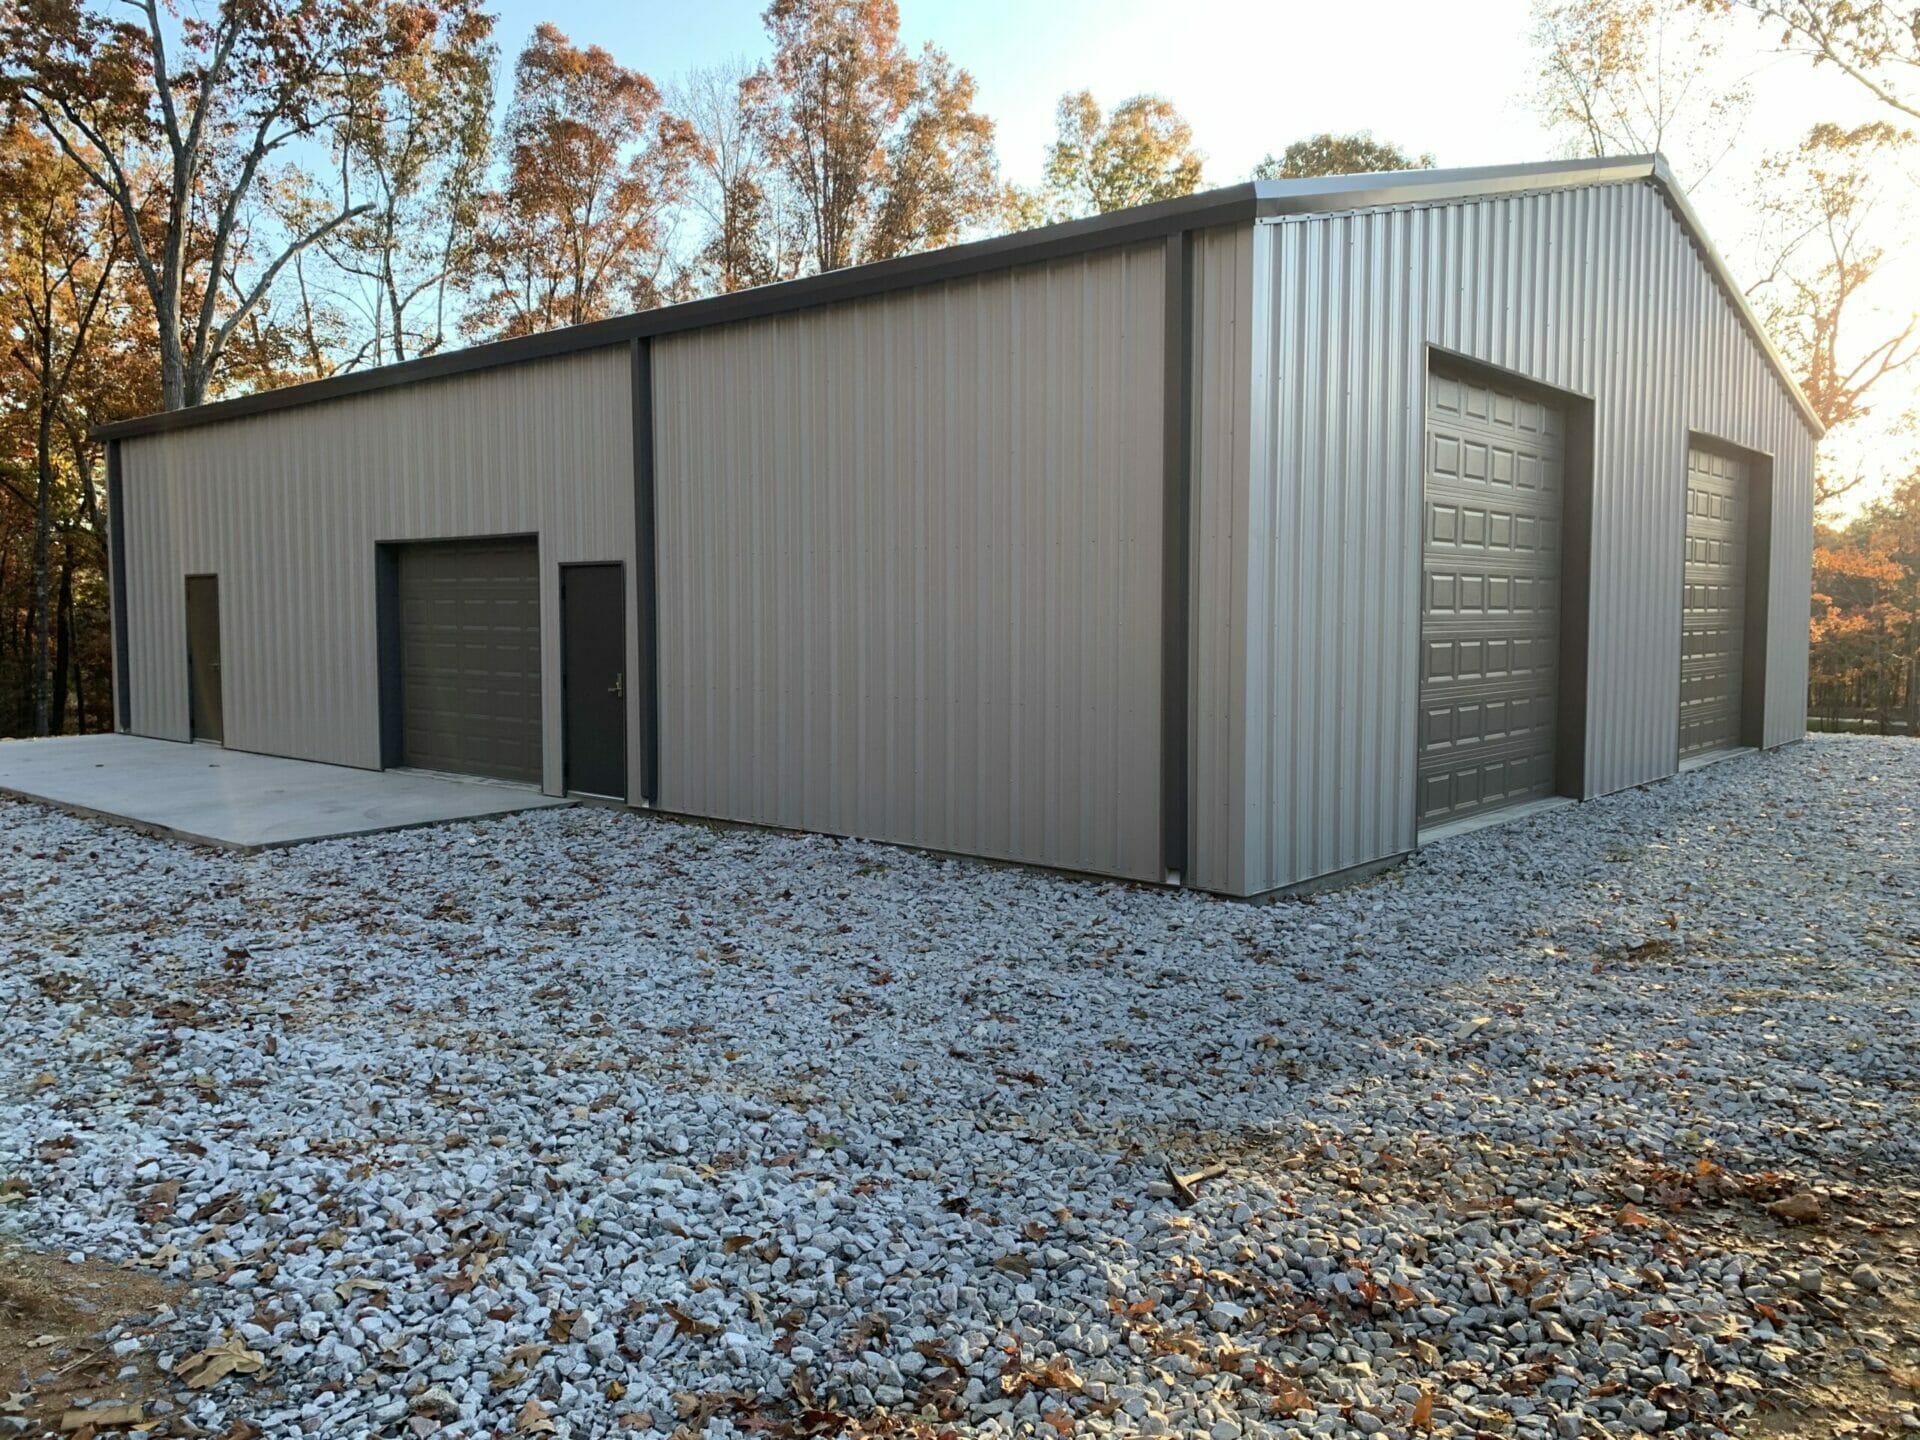 Pre-Engineered Metal Garage Building With Roll Up Garage Door, And Standard Doors